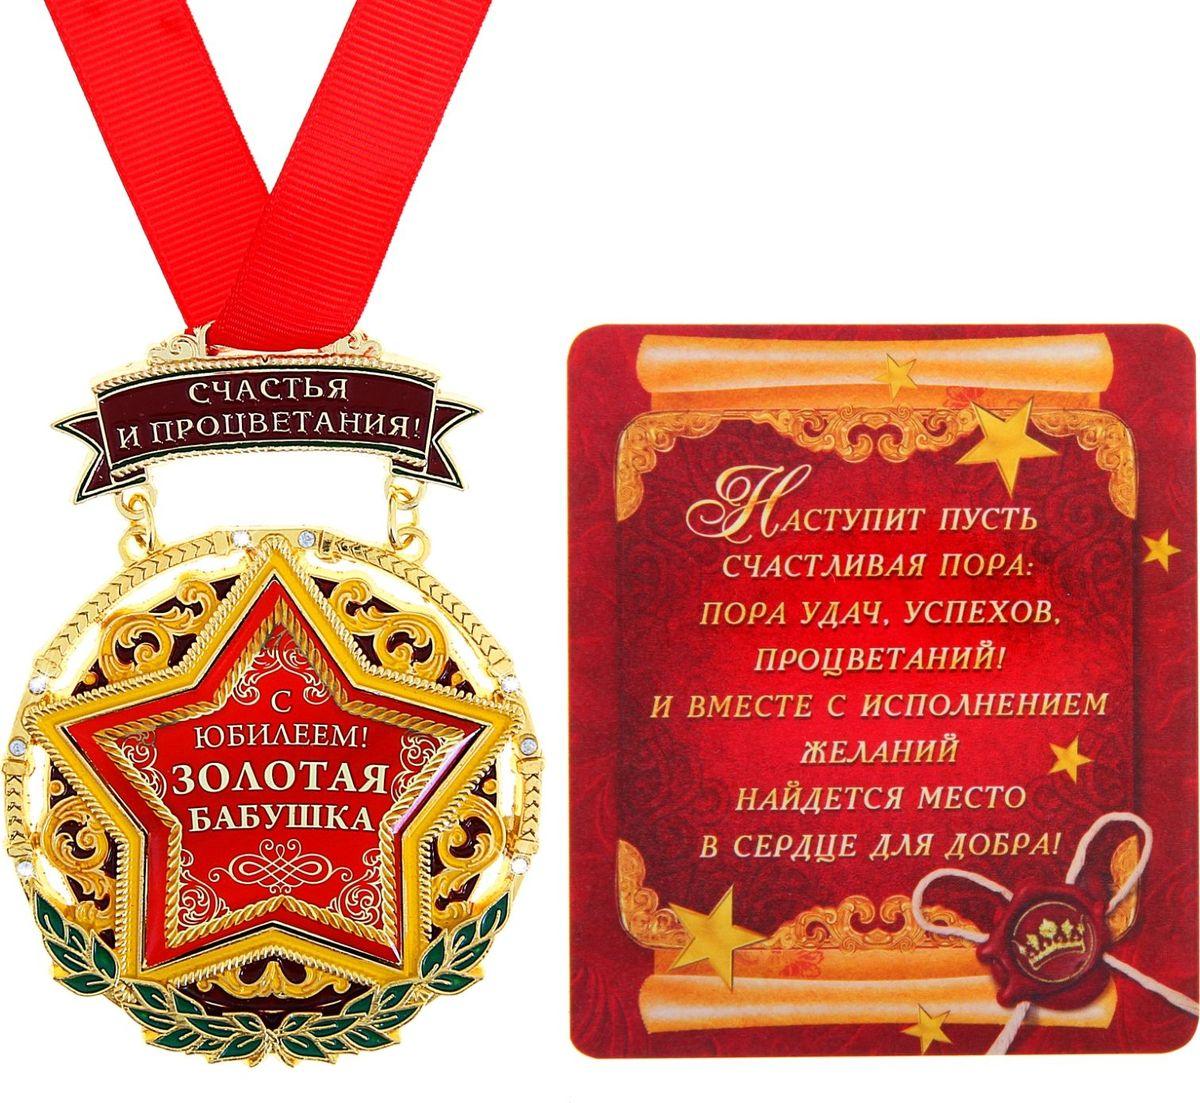 Медаль сувенирная С юбилеем, бабушка, 6,8 х 9,7 см166024Для ценителей оригинальности, кому наскучили привычные формы, разработана эксклюзивная, нестандартная и яркая медаль С юбилеем, бабушка. Металлическая медаль залита яркими красками и украшена стразами, что делает ее более эффектной и запоминающейся. Идет в комплекте с поздравительной открыткой.